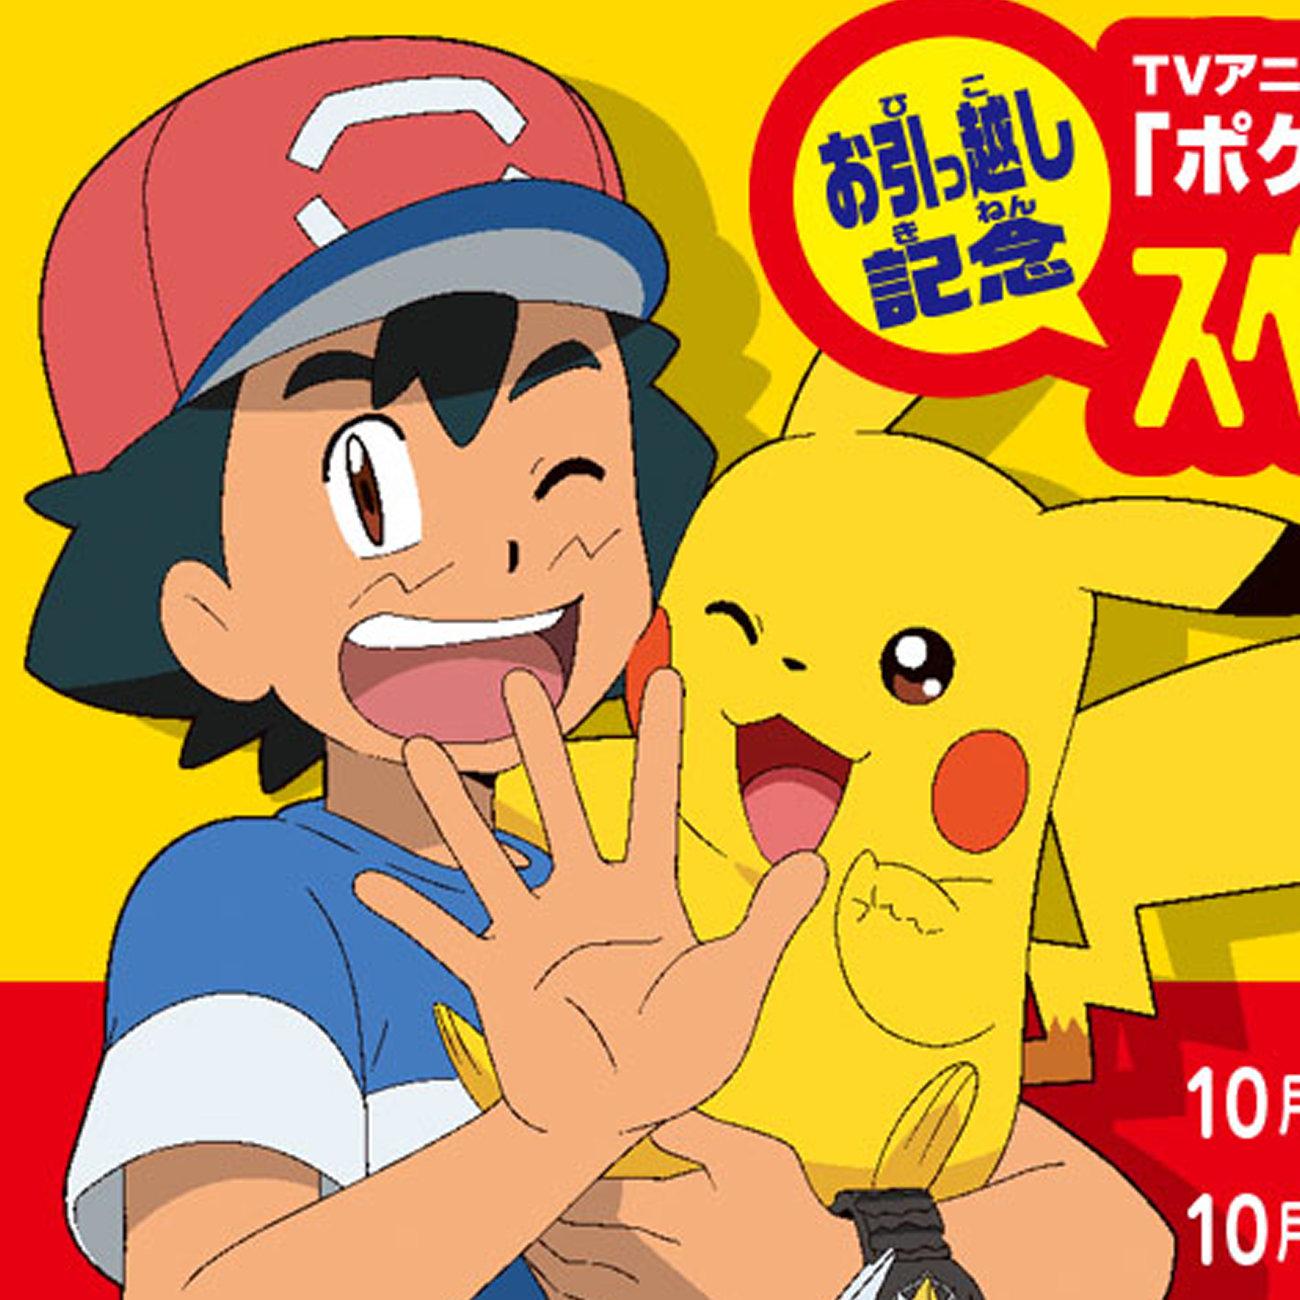 ポケモンアニメ、松本梨香さんや石川界人さんトークイベント